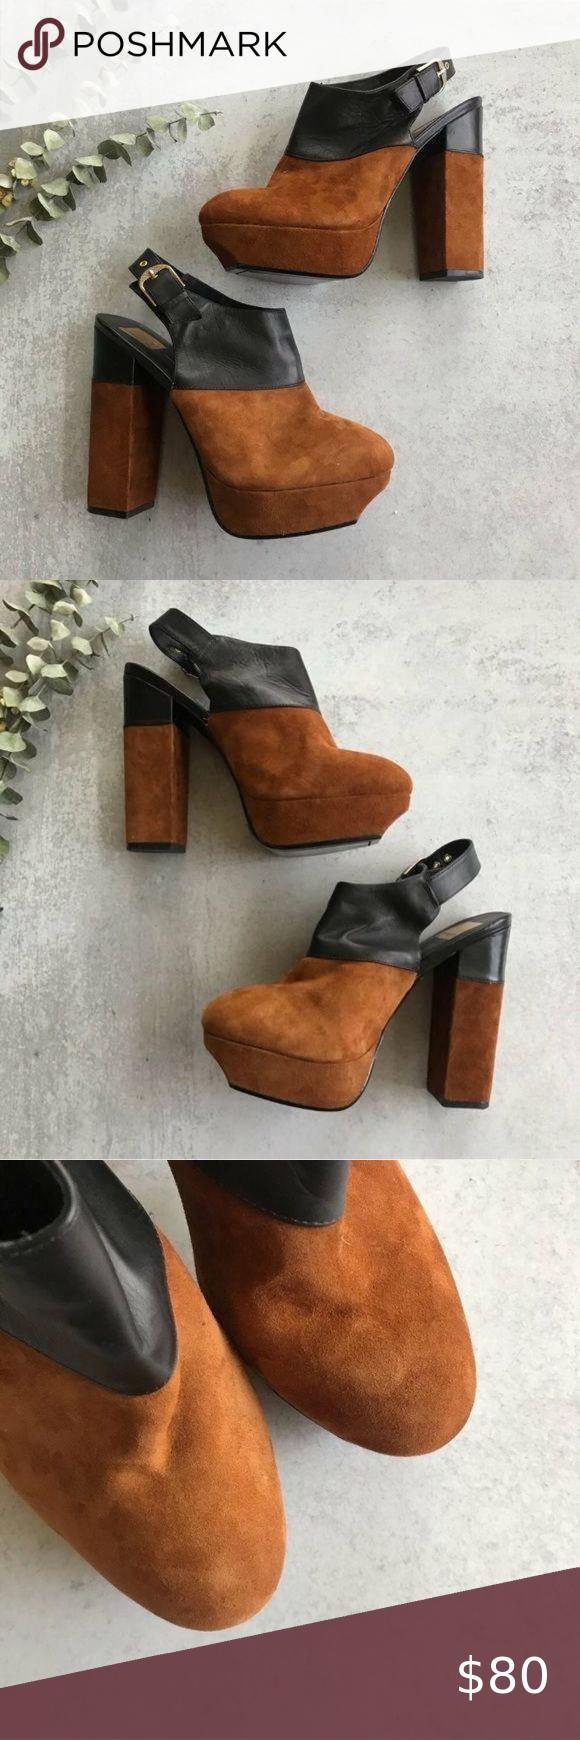 Dolce Vita Joanna Leather Slingback Platforms 9 5 In 2020 Dolce Vita Slingback Dolce Vita Shoes